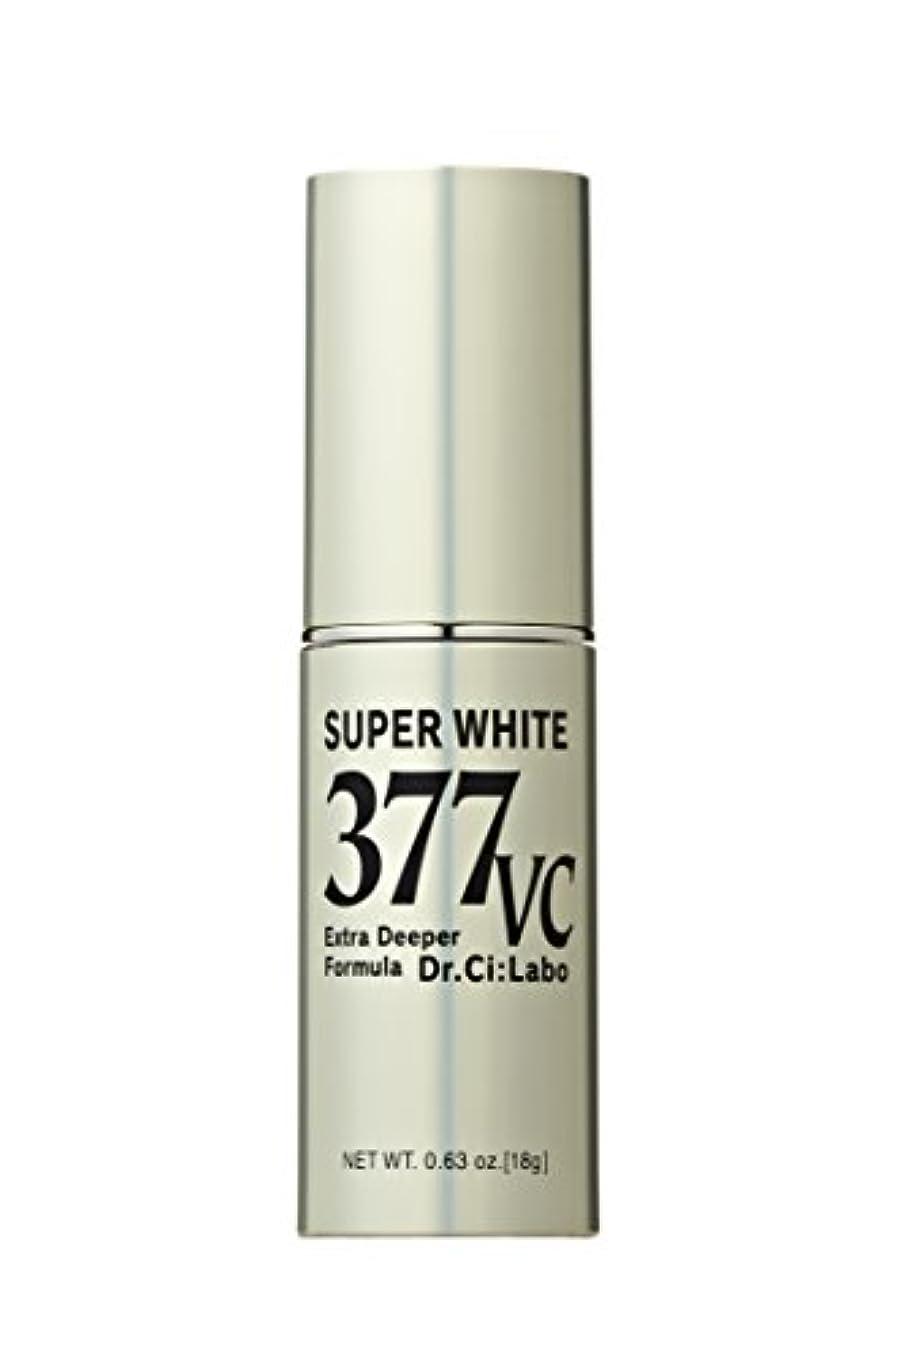 退屈部族ドナウ川ドクターシーラボ スーパーホワイト377VC(ブイシー) 高浸透ビタミンC 美容液 単品 18g